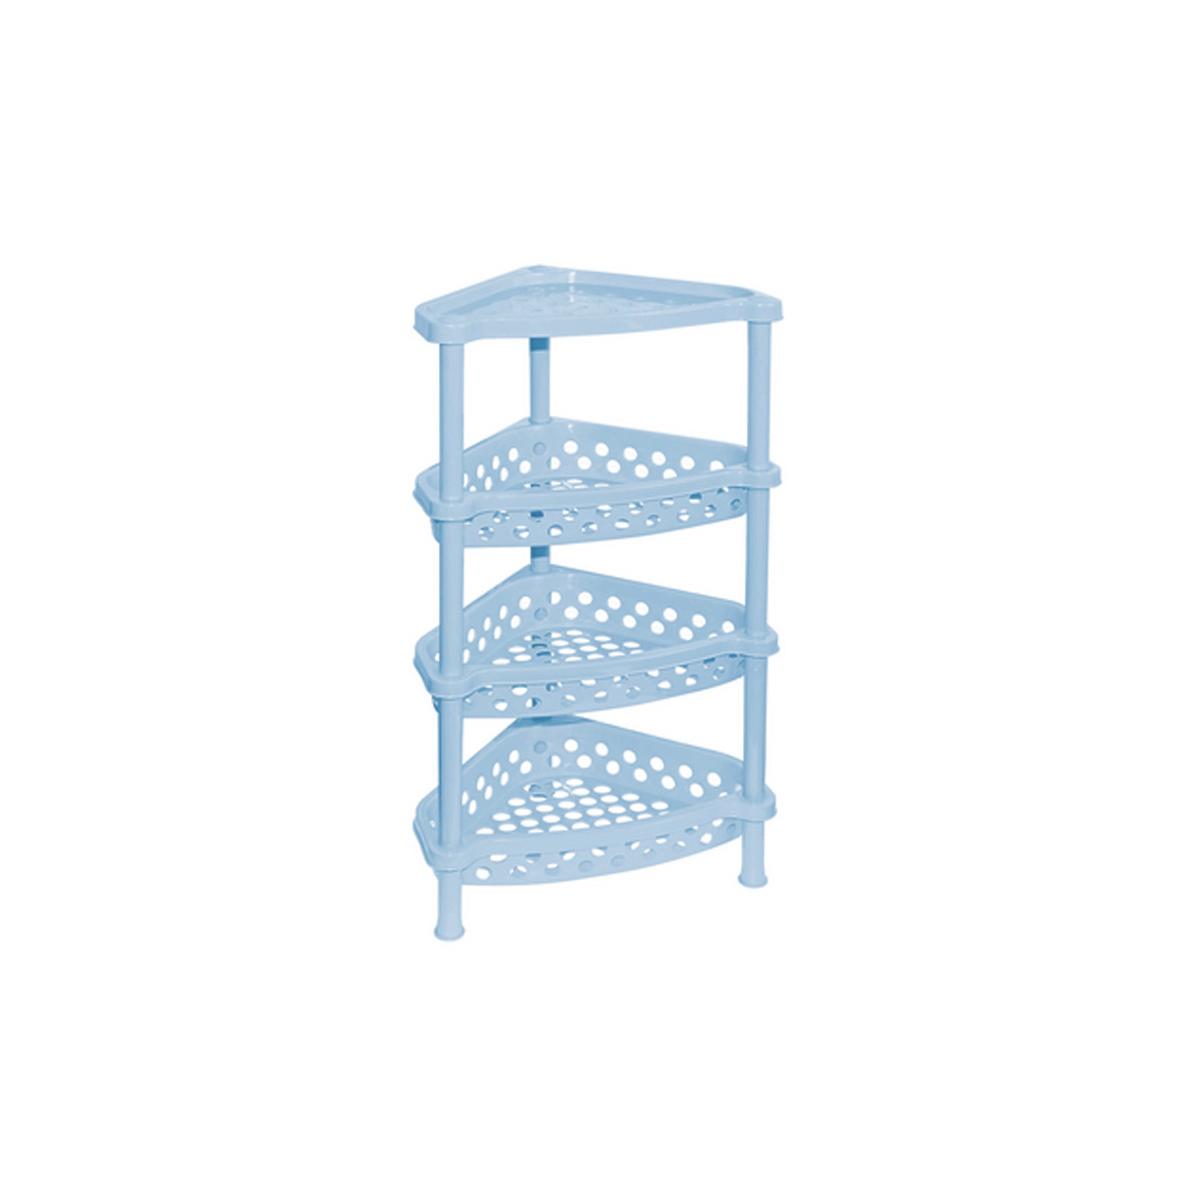 Этажерка угловая Violet, 4-х секционная, цвет: голубой, 37 х 28 х 73 см1604/3Этажерка Violet выполнена из высококачественного прочного пластика и предназначена для хранения различных предметов. Изделие имеет 4 полки треугольной формы с перфорированными стенками. В ванной комнате вы можете использовать этажерку для хранения шампуней, гелей, жидкого мыла, стиральных порошков, полотенец и т.д. Ручной инструмент и детали в вашем гараже всегда будут под рукой. Удобно ставить банки с краской, бутылки с растворителем. В гостиной этажерка позволит удобно хранить под рукой книги, журналы, газеты. С помощью этажерки также легко навести порядок в детской, она позволит удобно и компактно хранить игрушки, письменные принадлежности и учебники. Этажерка - это идеальное решение для любого помещения. Она поможет поддерживать чистоту, компактно организовать пространство и хранить вещи в порядке, а стильный дизайн сделает этажерку ярким украшением интерьера. Размер этажерки (ДхШхВ): 37 см х 28 см х 73 см. ...